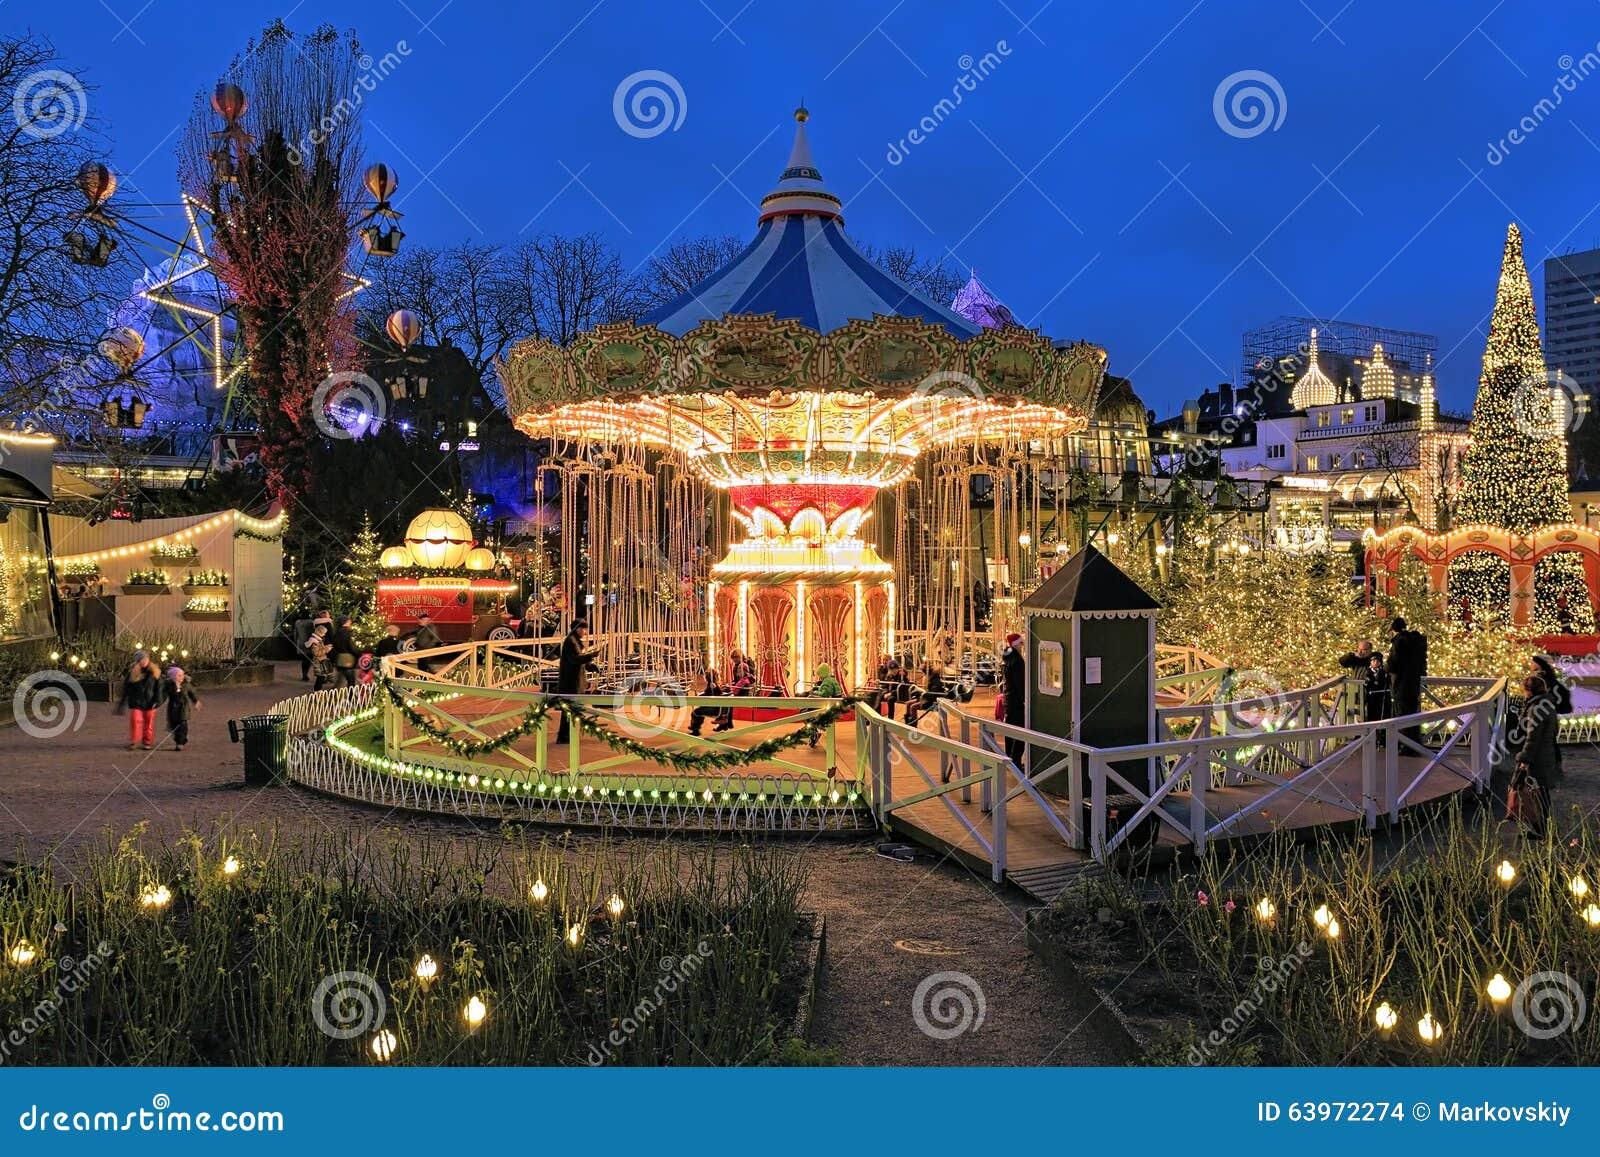 iluminao em jardins de tivoli copenhaga do carrossel e do natal - Jardins De Tivoli